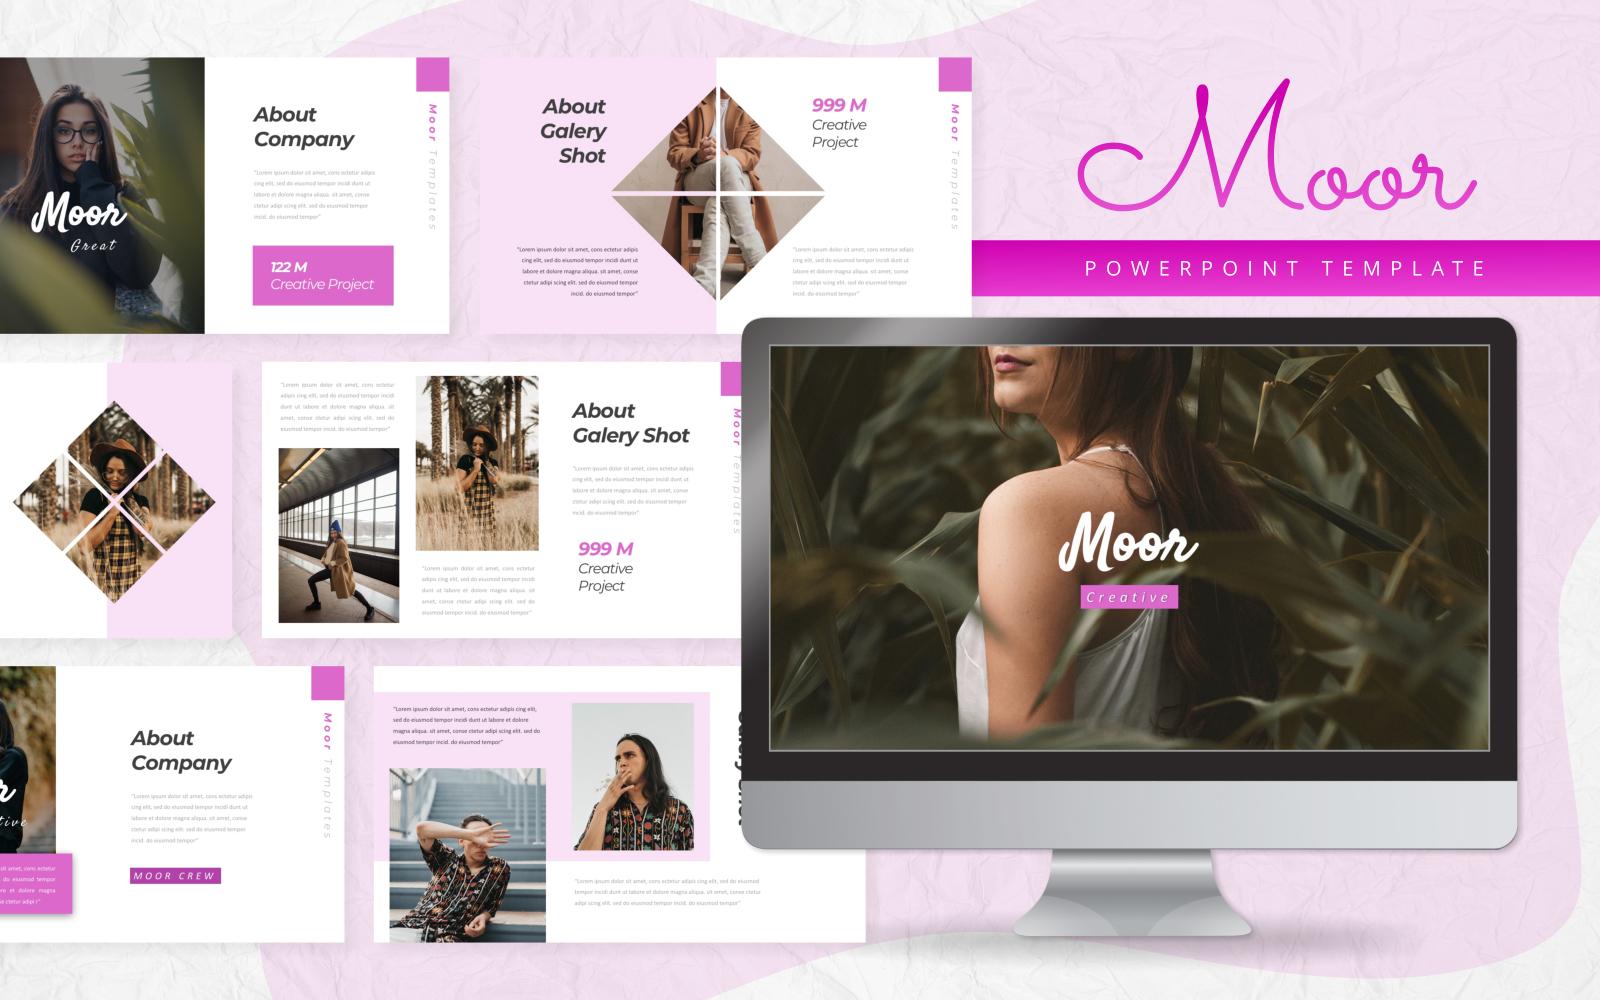 Moor - Creative PowerPoint Template